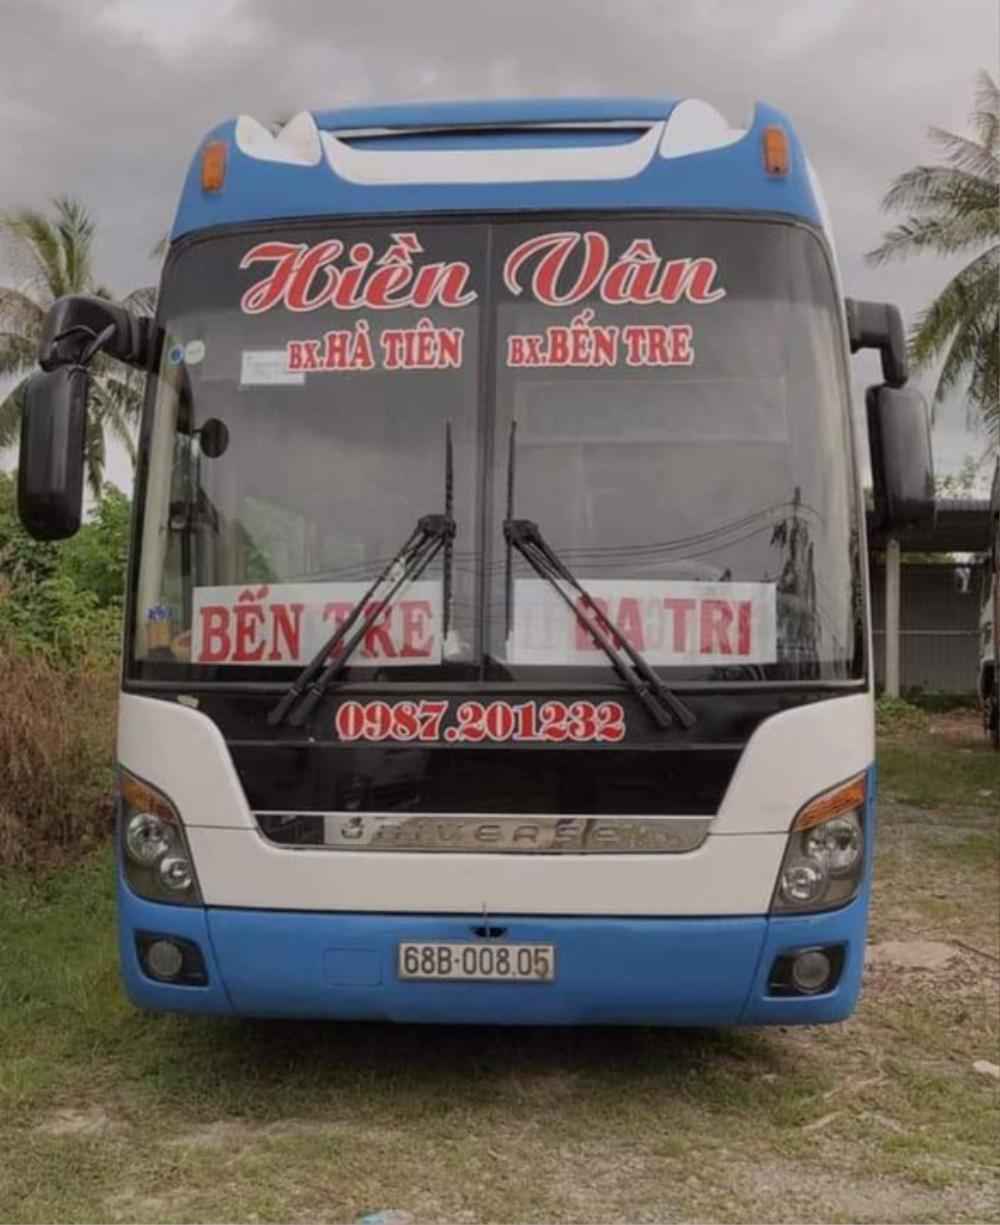 Khẩn cấp truy tìm người phụ nữ đi cùng chuyến xe với BN1452 Ảnh 1